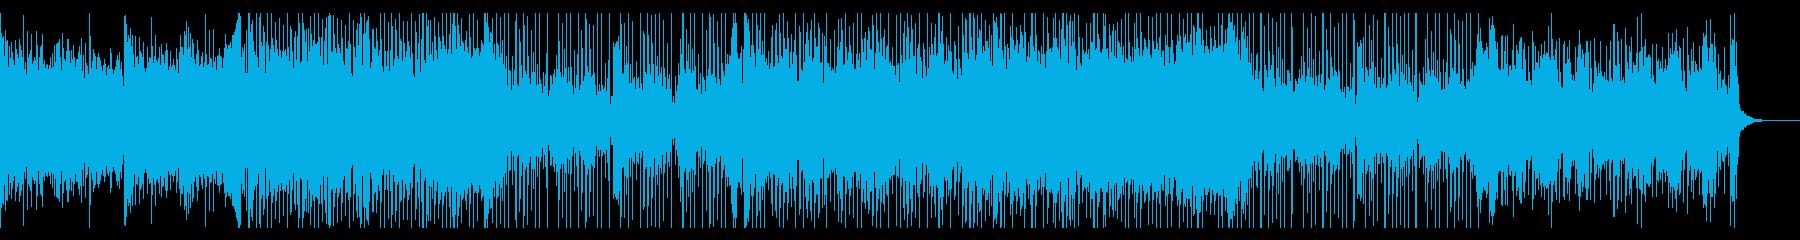 爽快でほのぼのするポップス曲の再生済みの波形